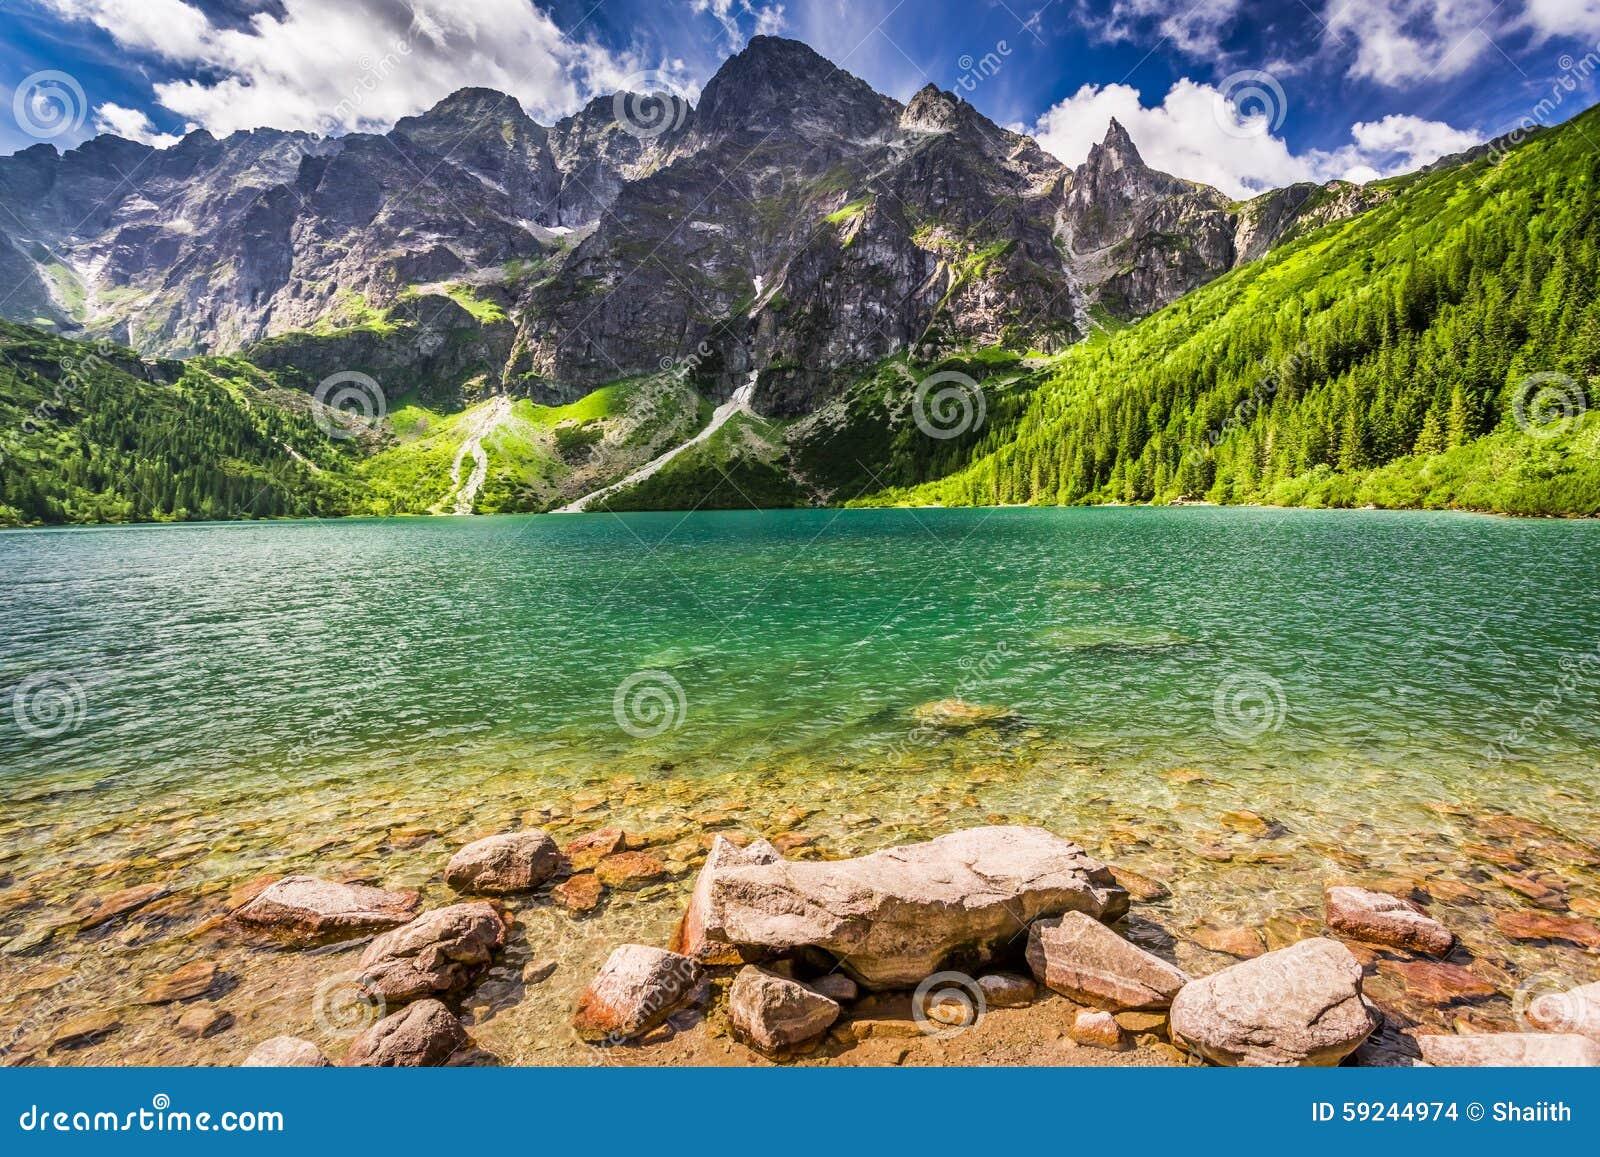 Download Lago En El Medio De Las Montañas En La Salida Del Sol Foto de archivo - Imagen de agua, charca: 59244974